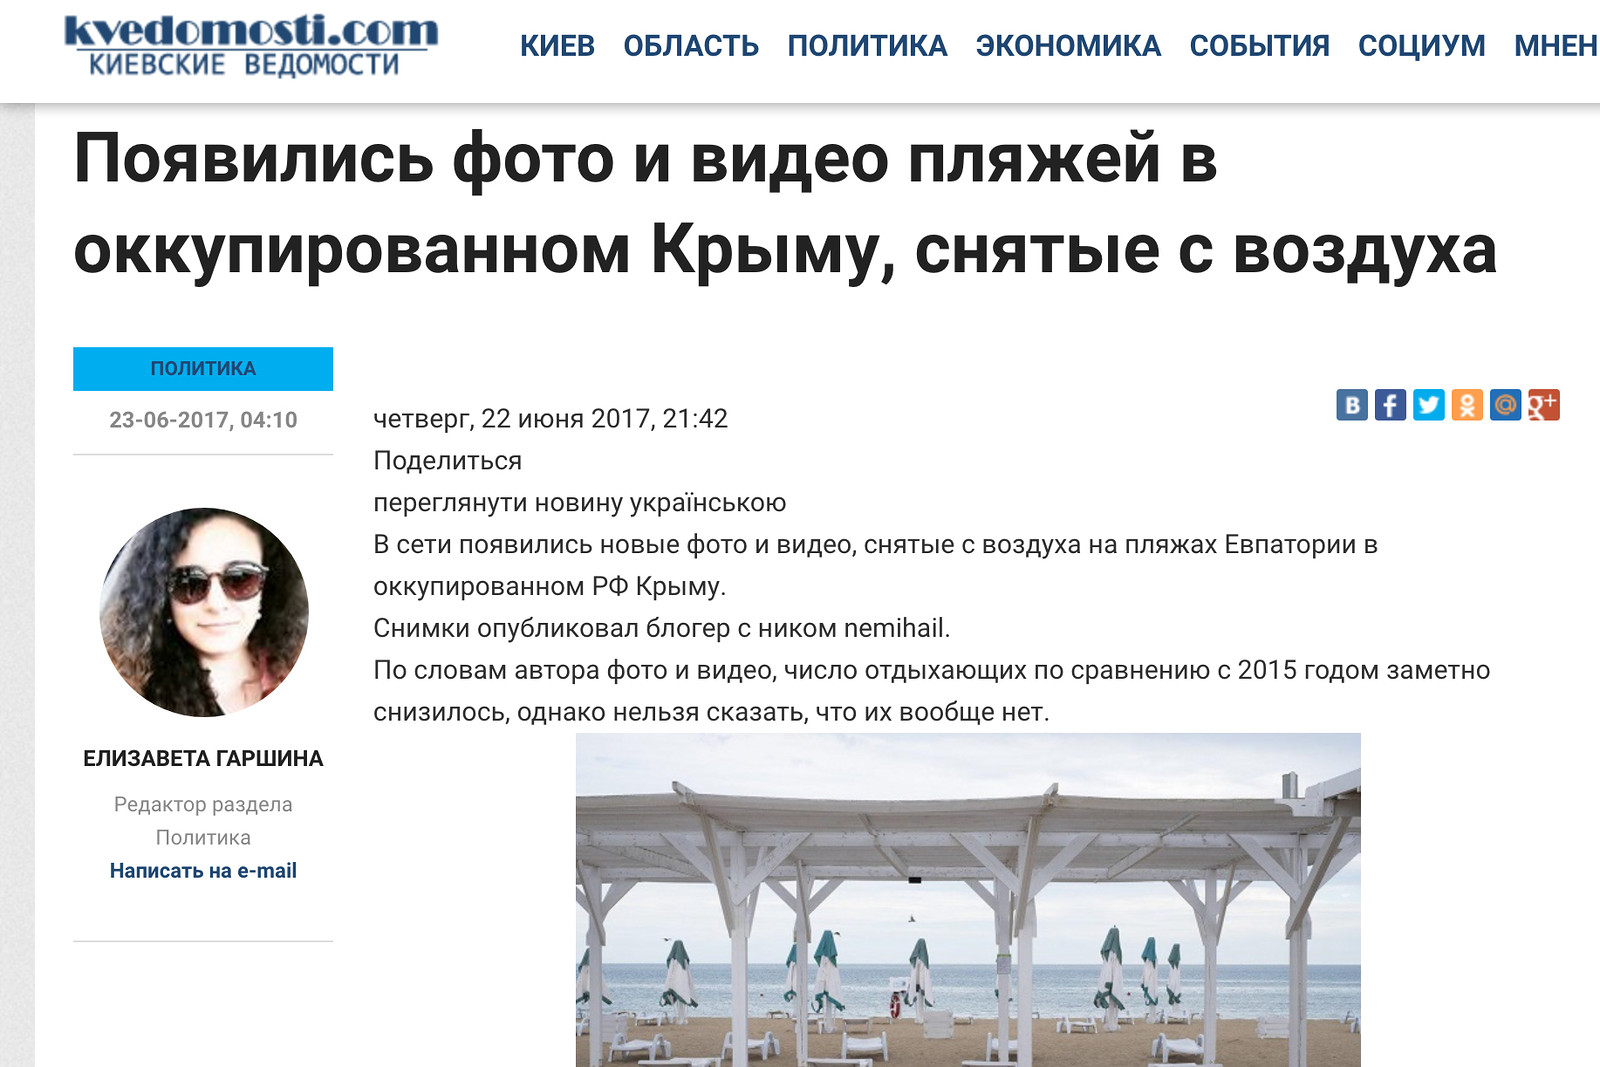 Киевские новости.jpg